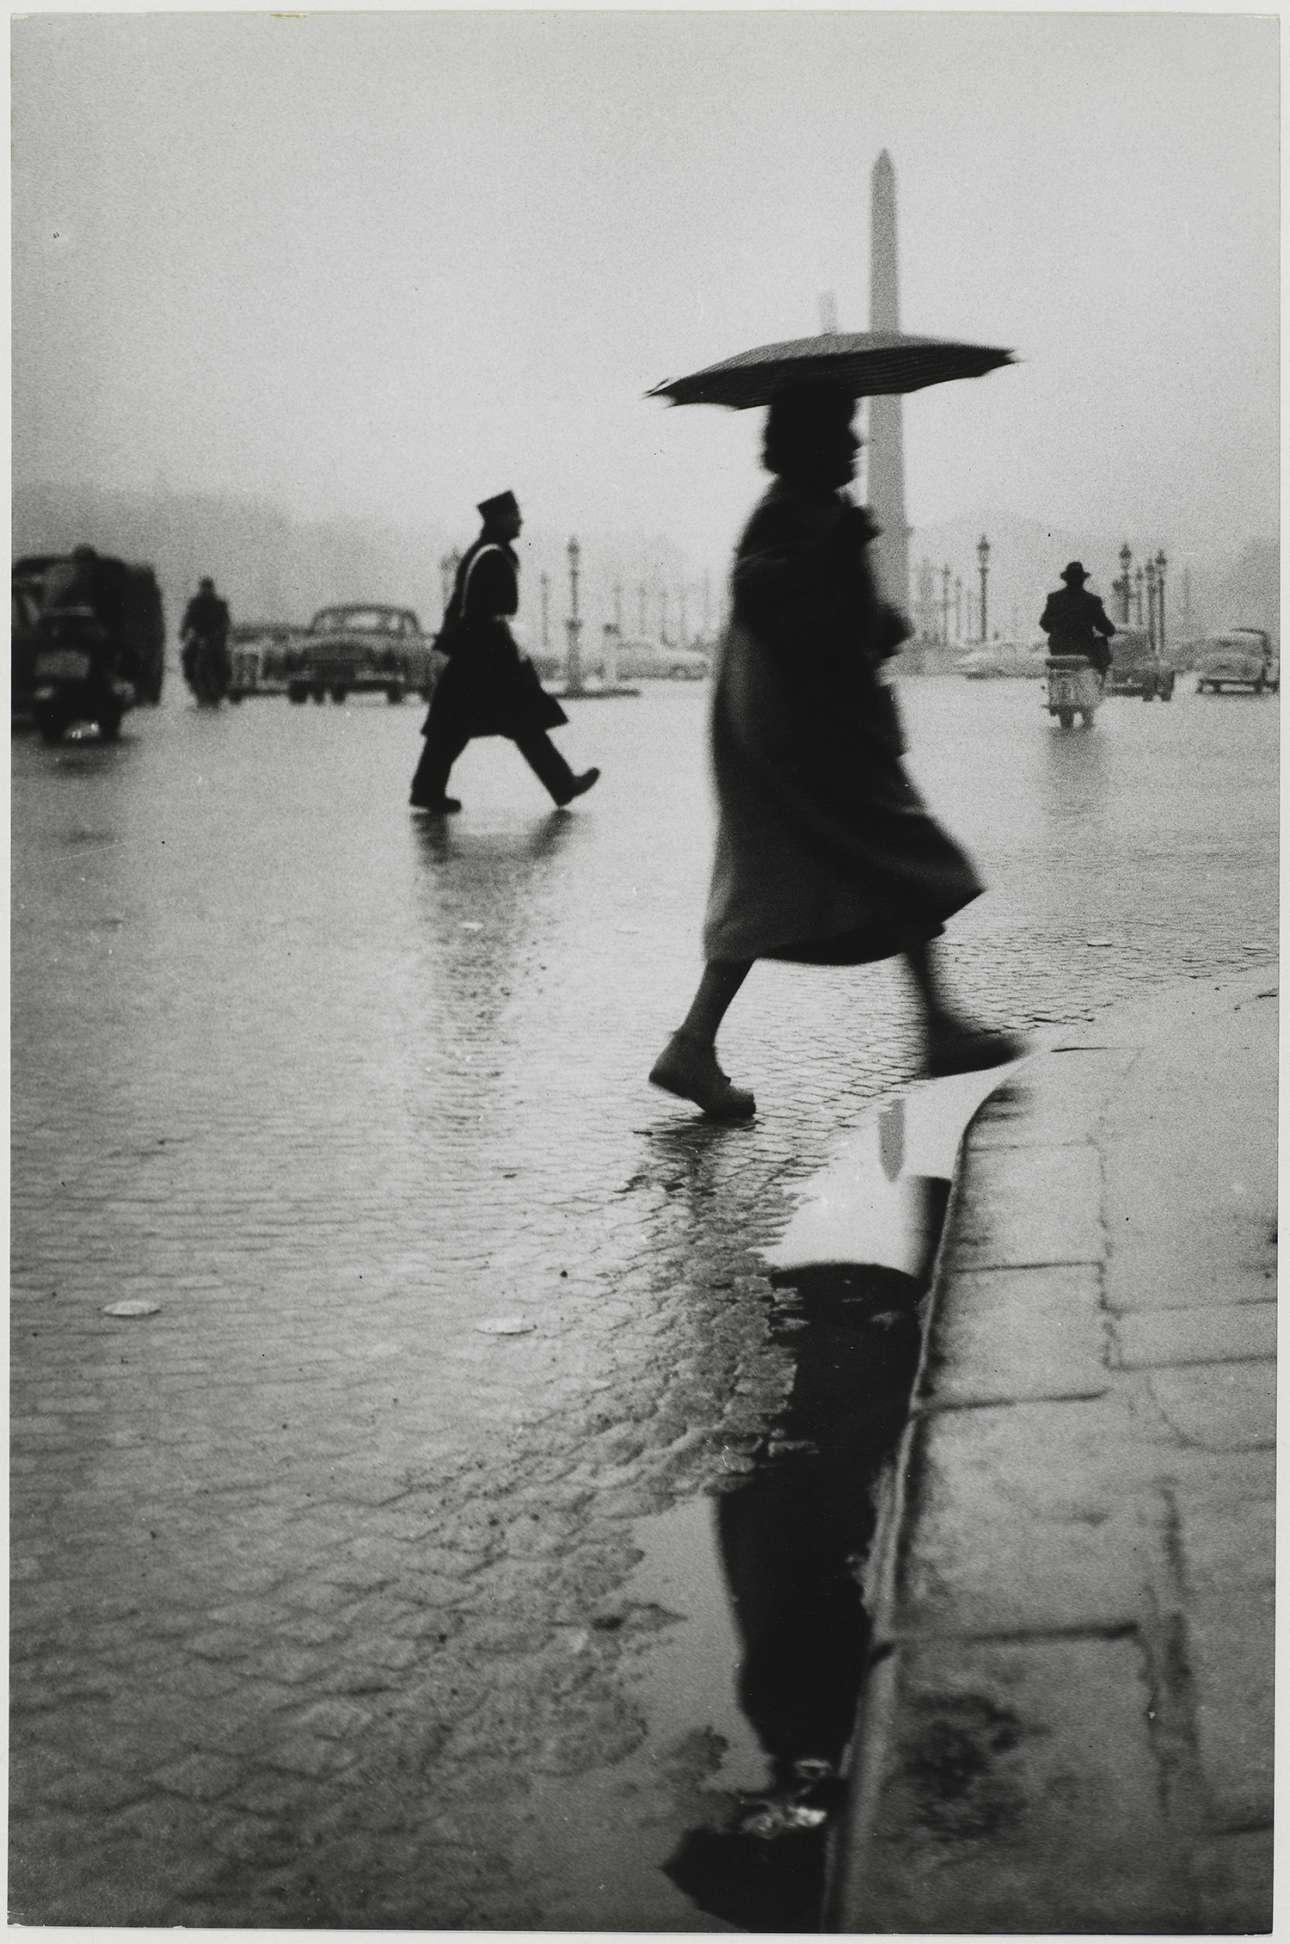 Η βρεγμένη πλατεία Πλας ντε λα Κονκόρντ του Παρισιού, 1953